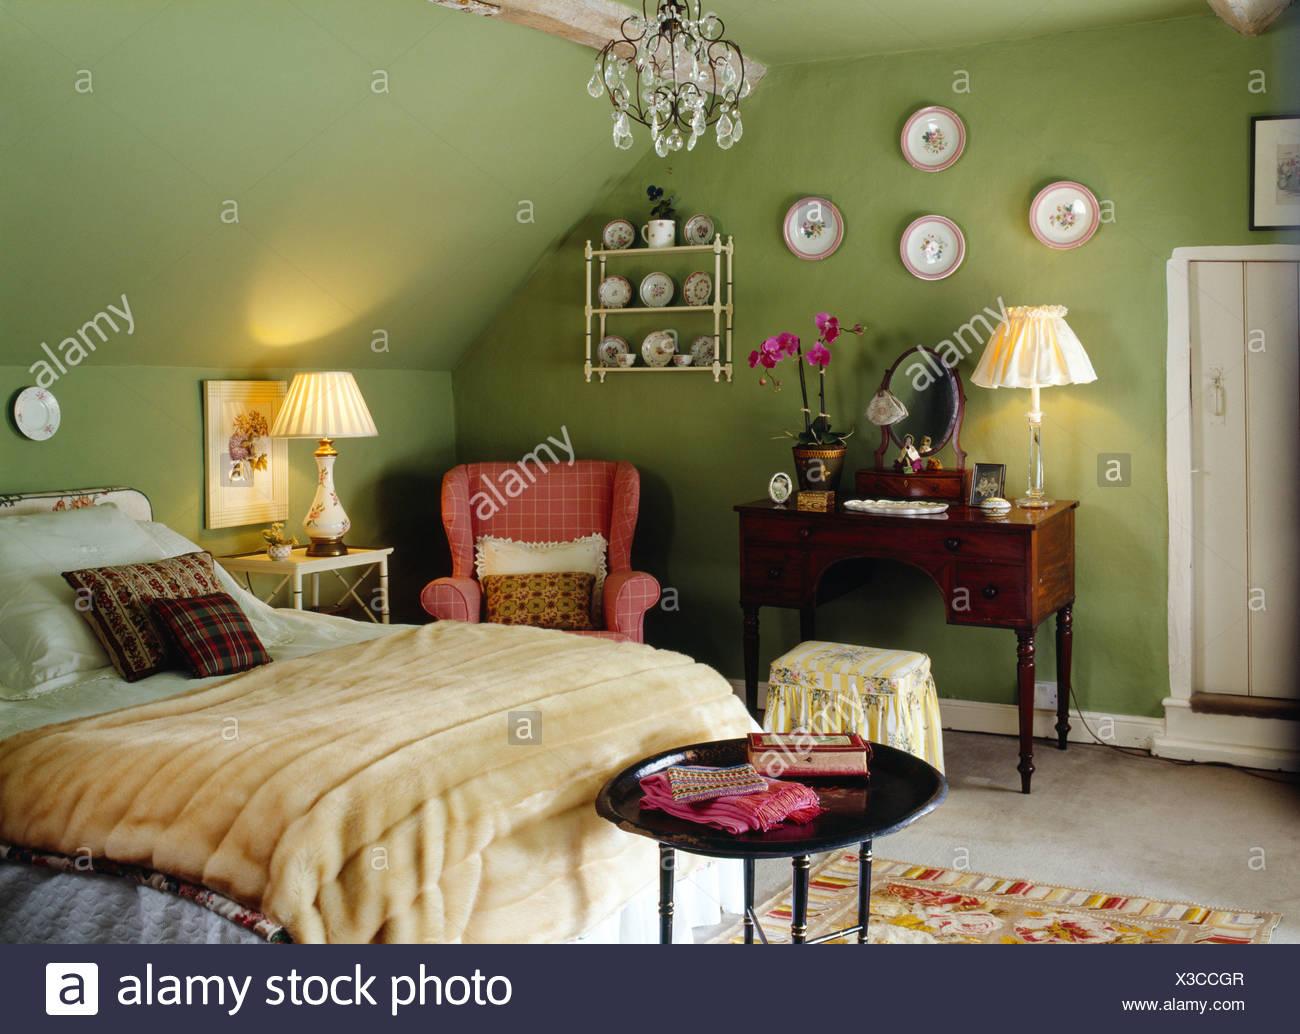 Le piastre sulla parete sopra antico tavolo con lampada accesa nel